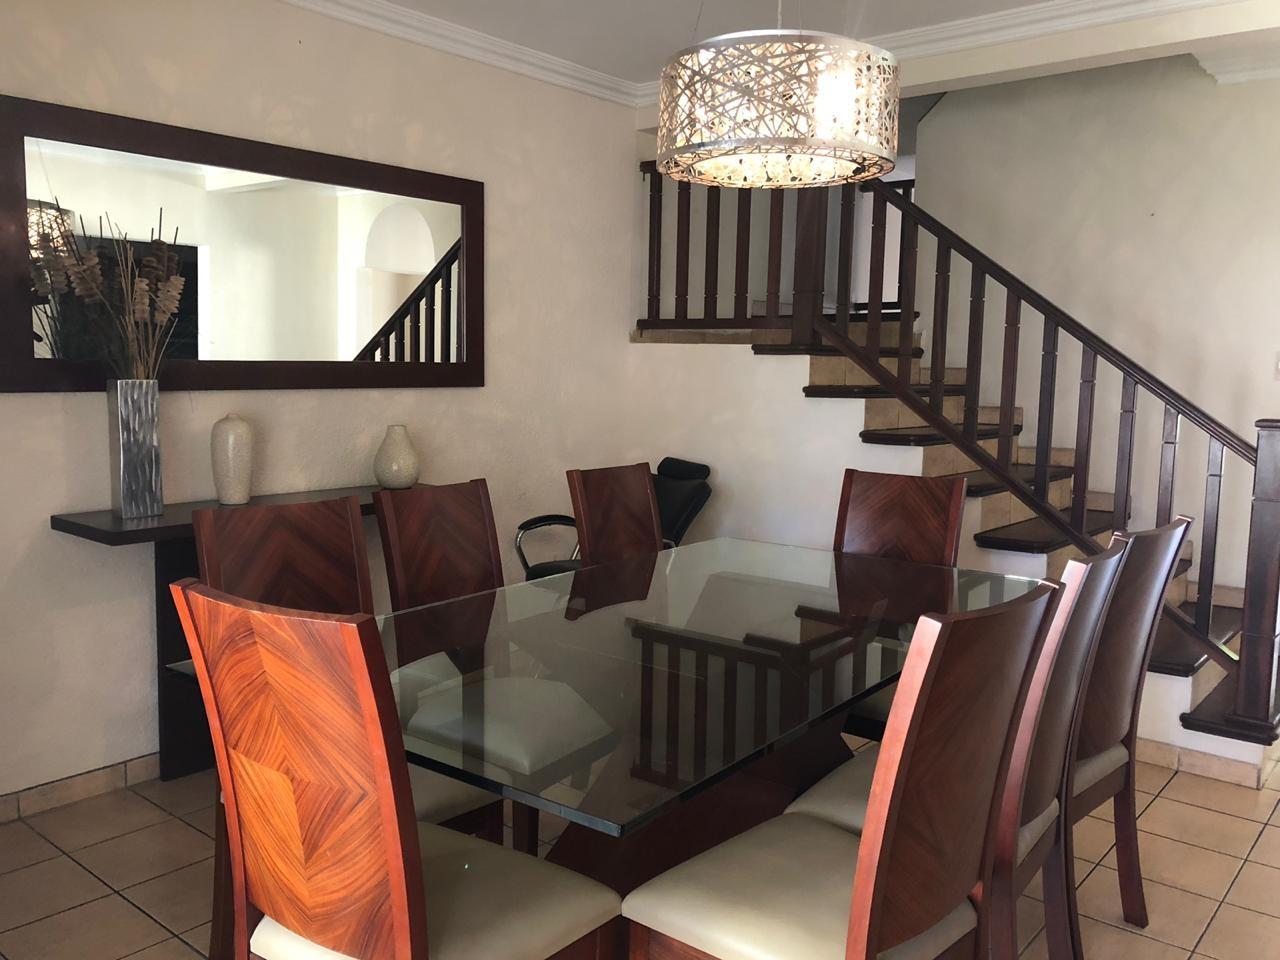 Casa en Venta AVENIDA BENI ENTRE 4TO Y 5TO ANILLO  Foto 3